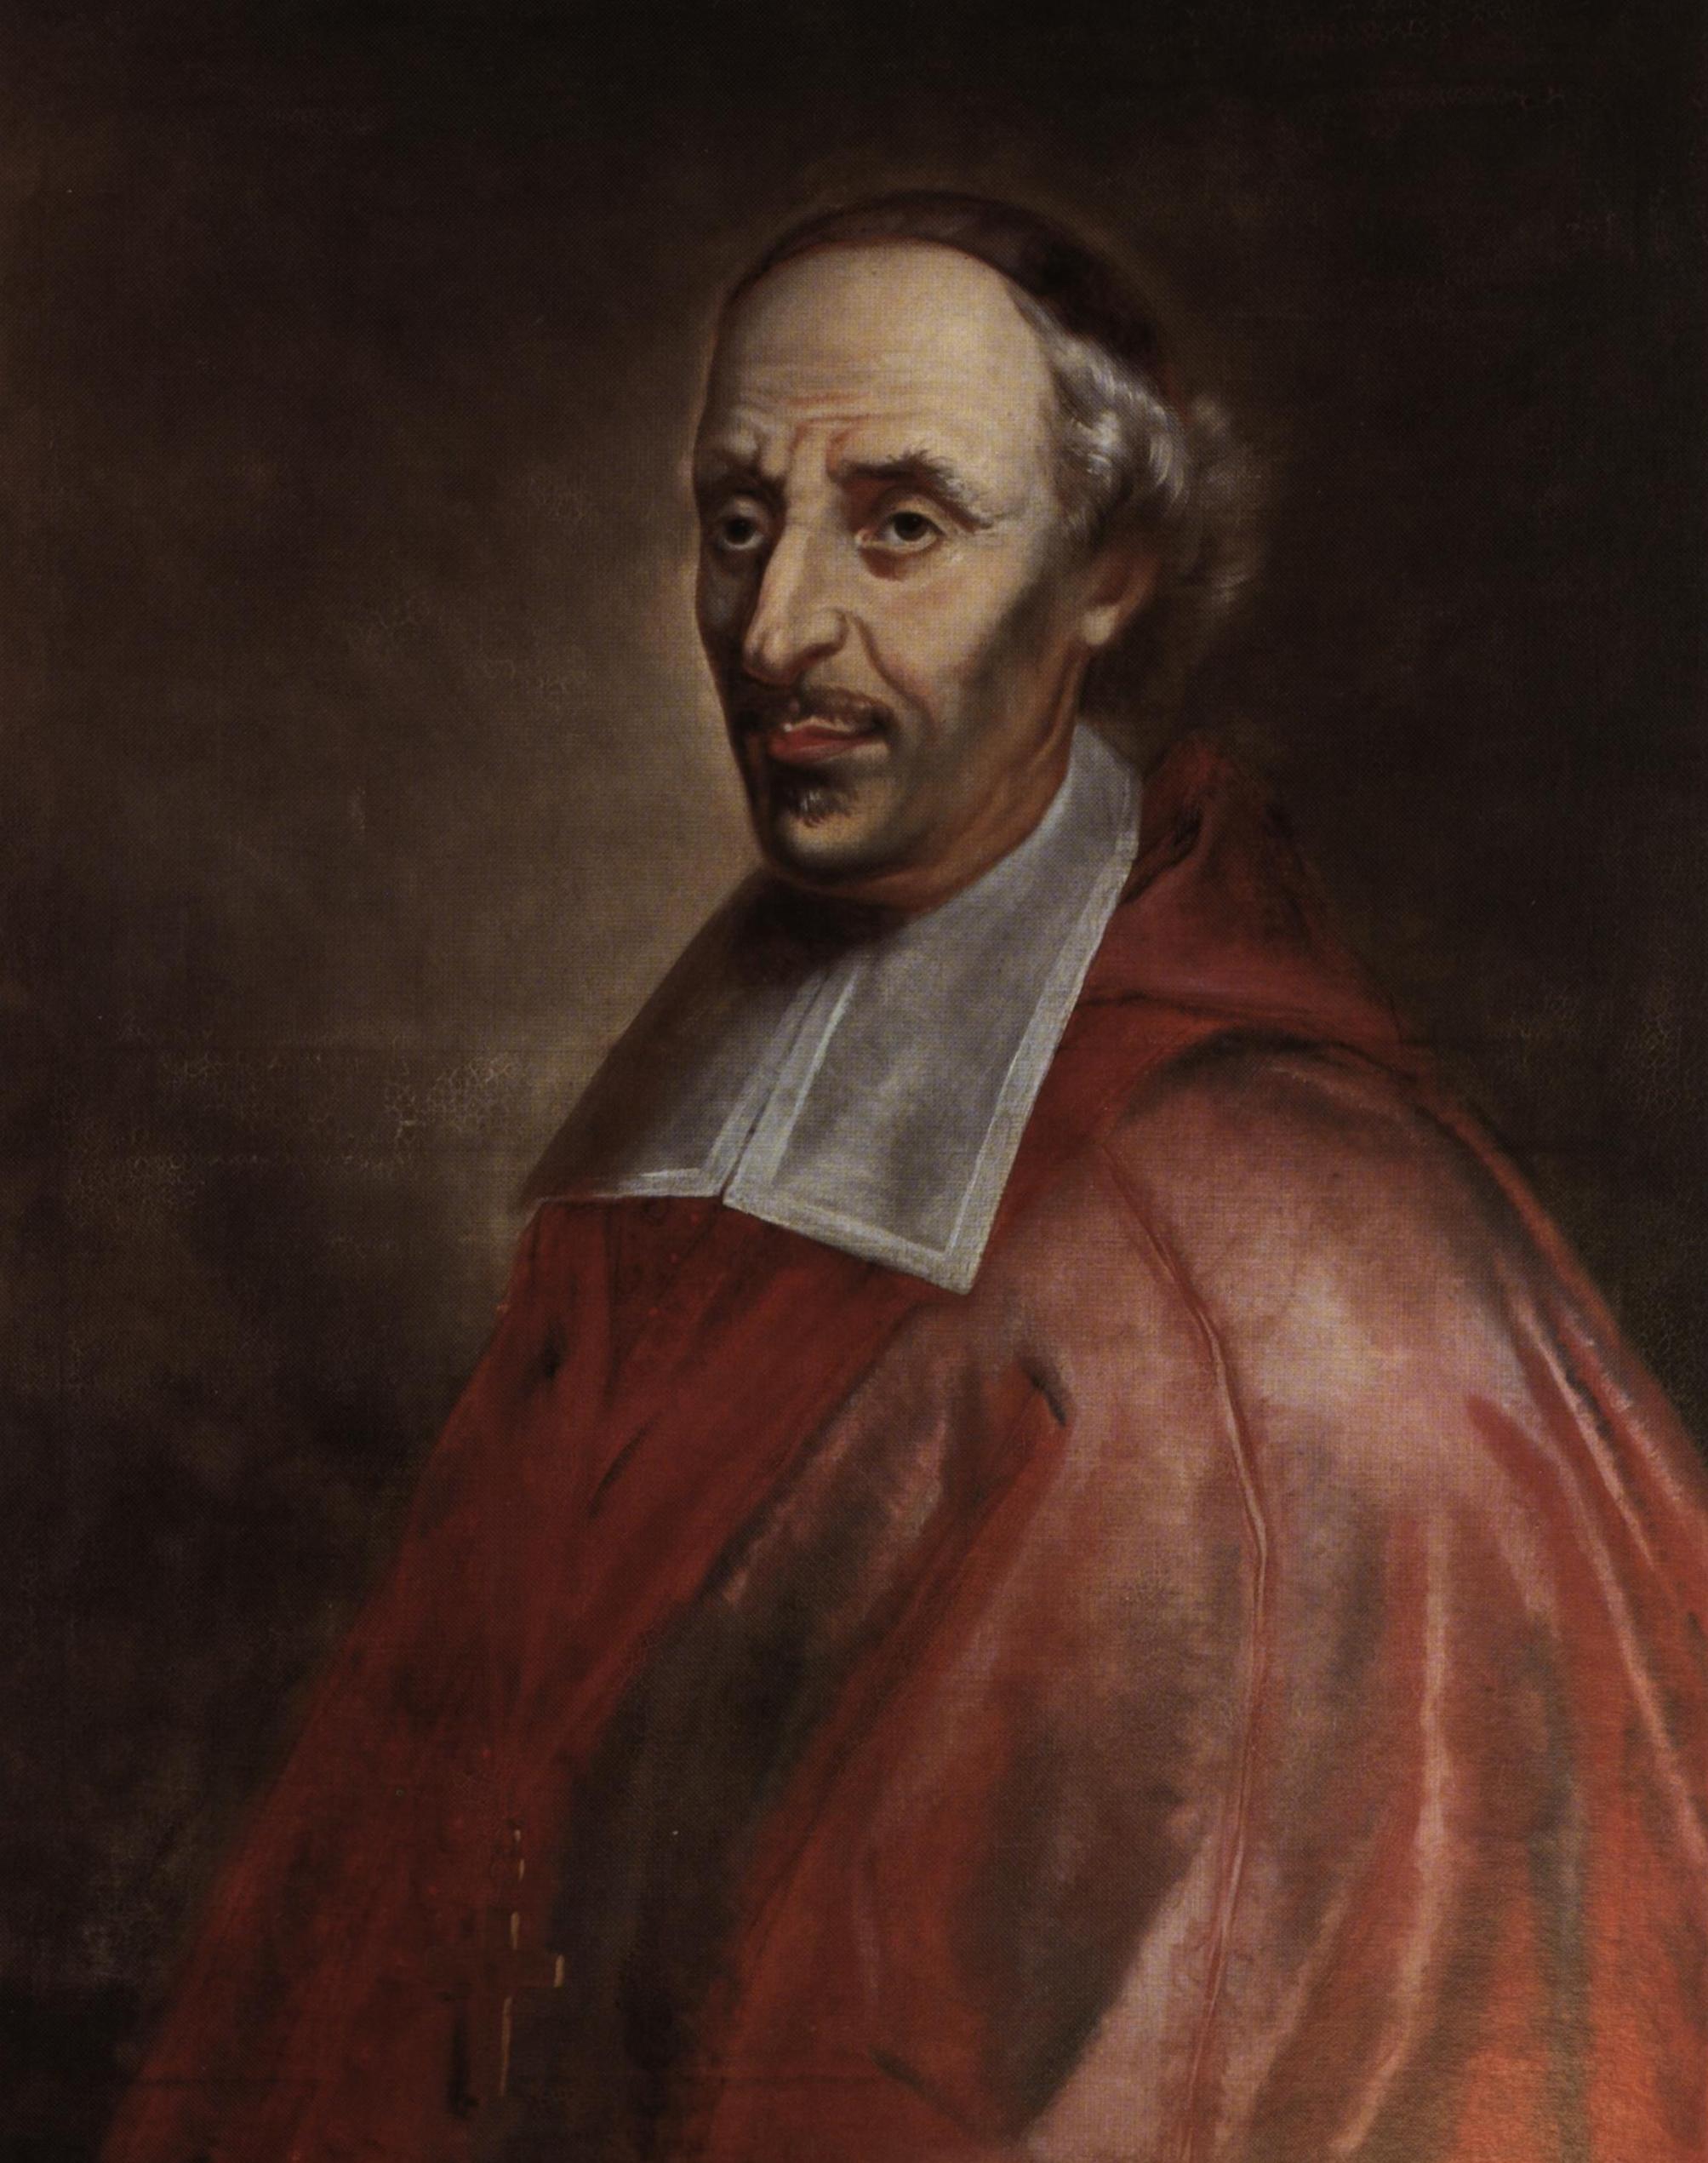 Biography fran ois luc baptized claude volume i 1000 1700 dictiona - Le journal de francois ...